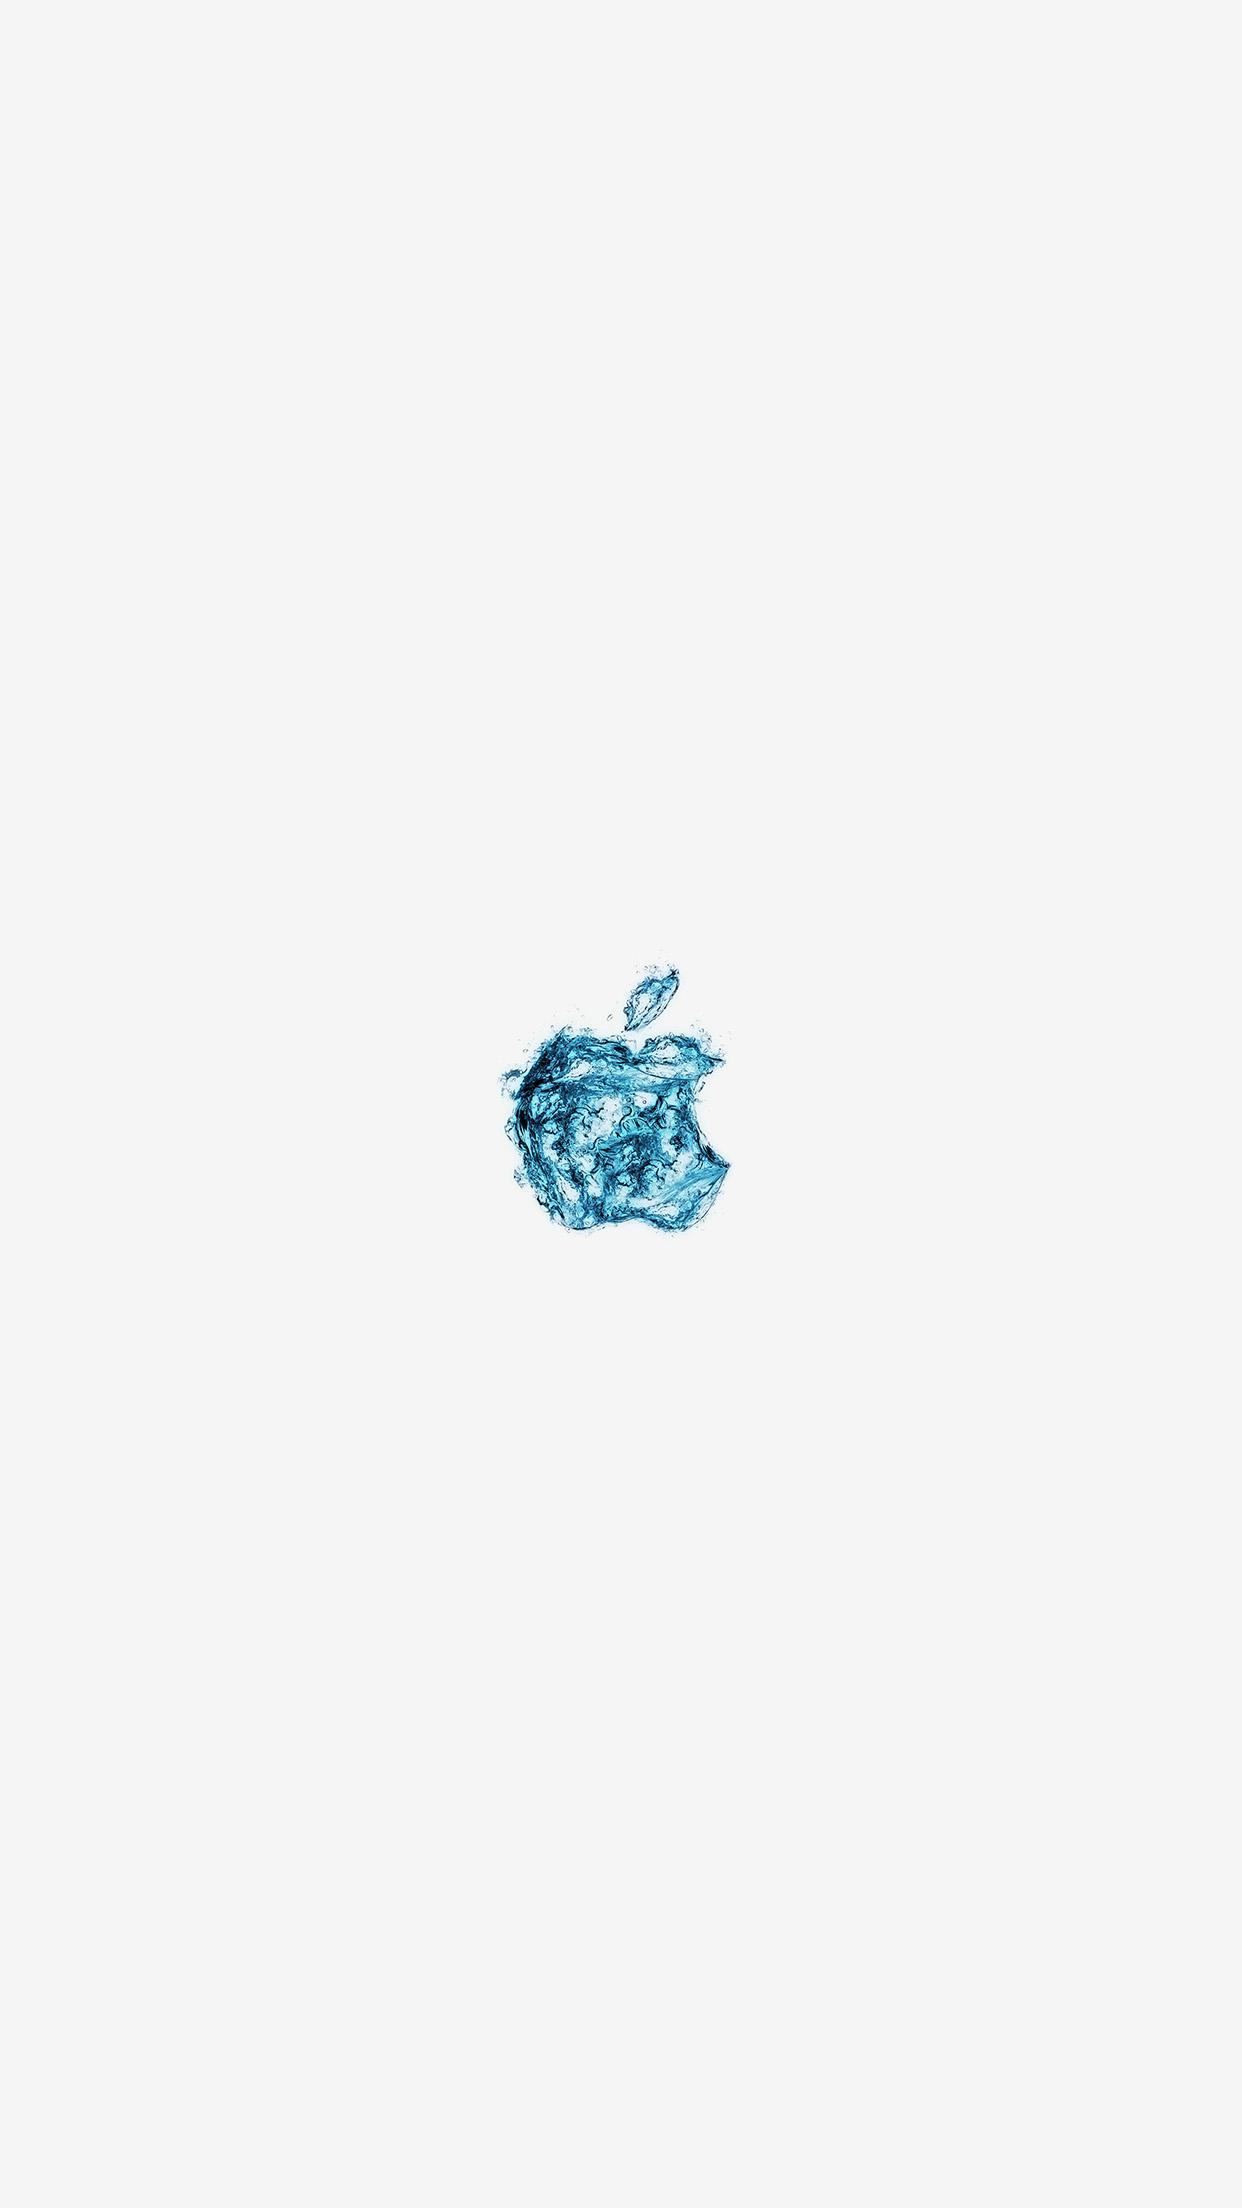 Apple Logo Water White Blue Art Illustration Android Wallpaper